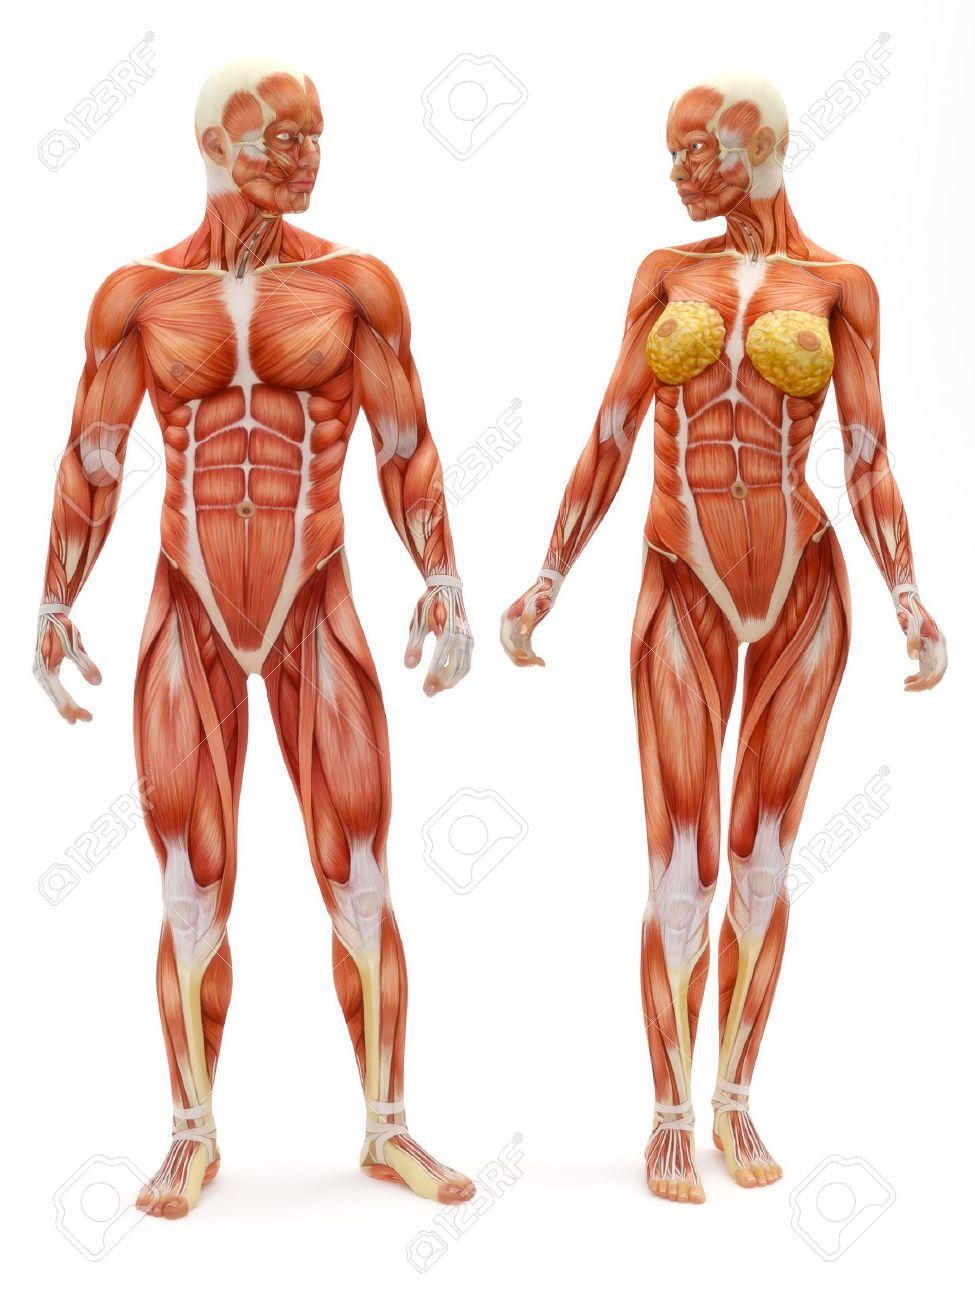 Niedlich Anatomie Muskel Skelett System Fotos - Menschliche Anatomie ...